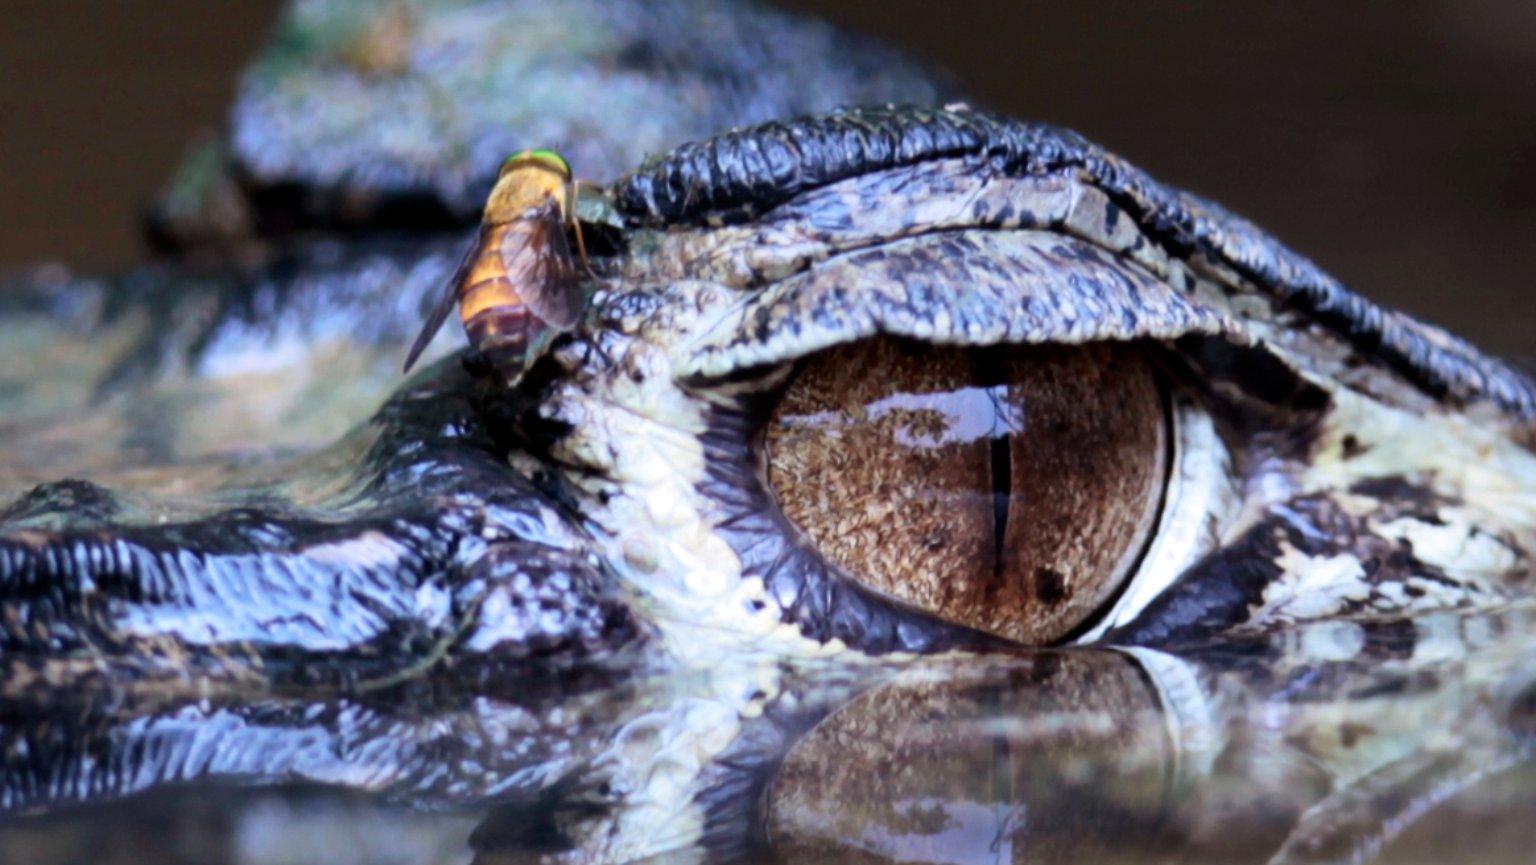 """Frage & Antwort: Warum Sagt Man """"krokodilstränen""""? - N-Tv.de mit Warum Weinen Krokodile Beim Fressen"""